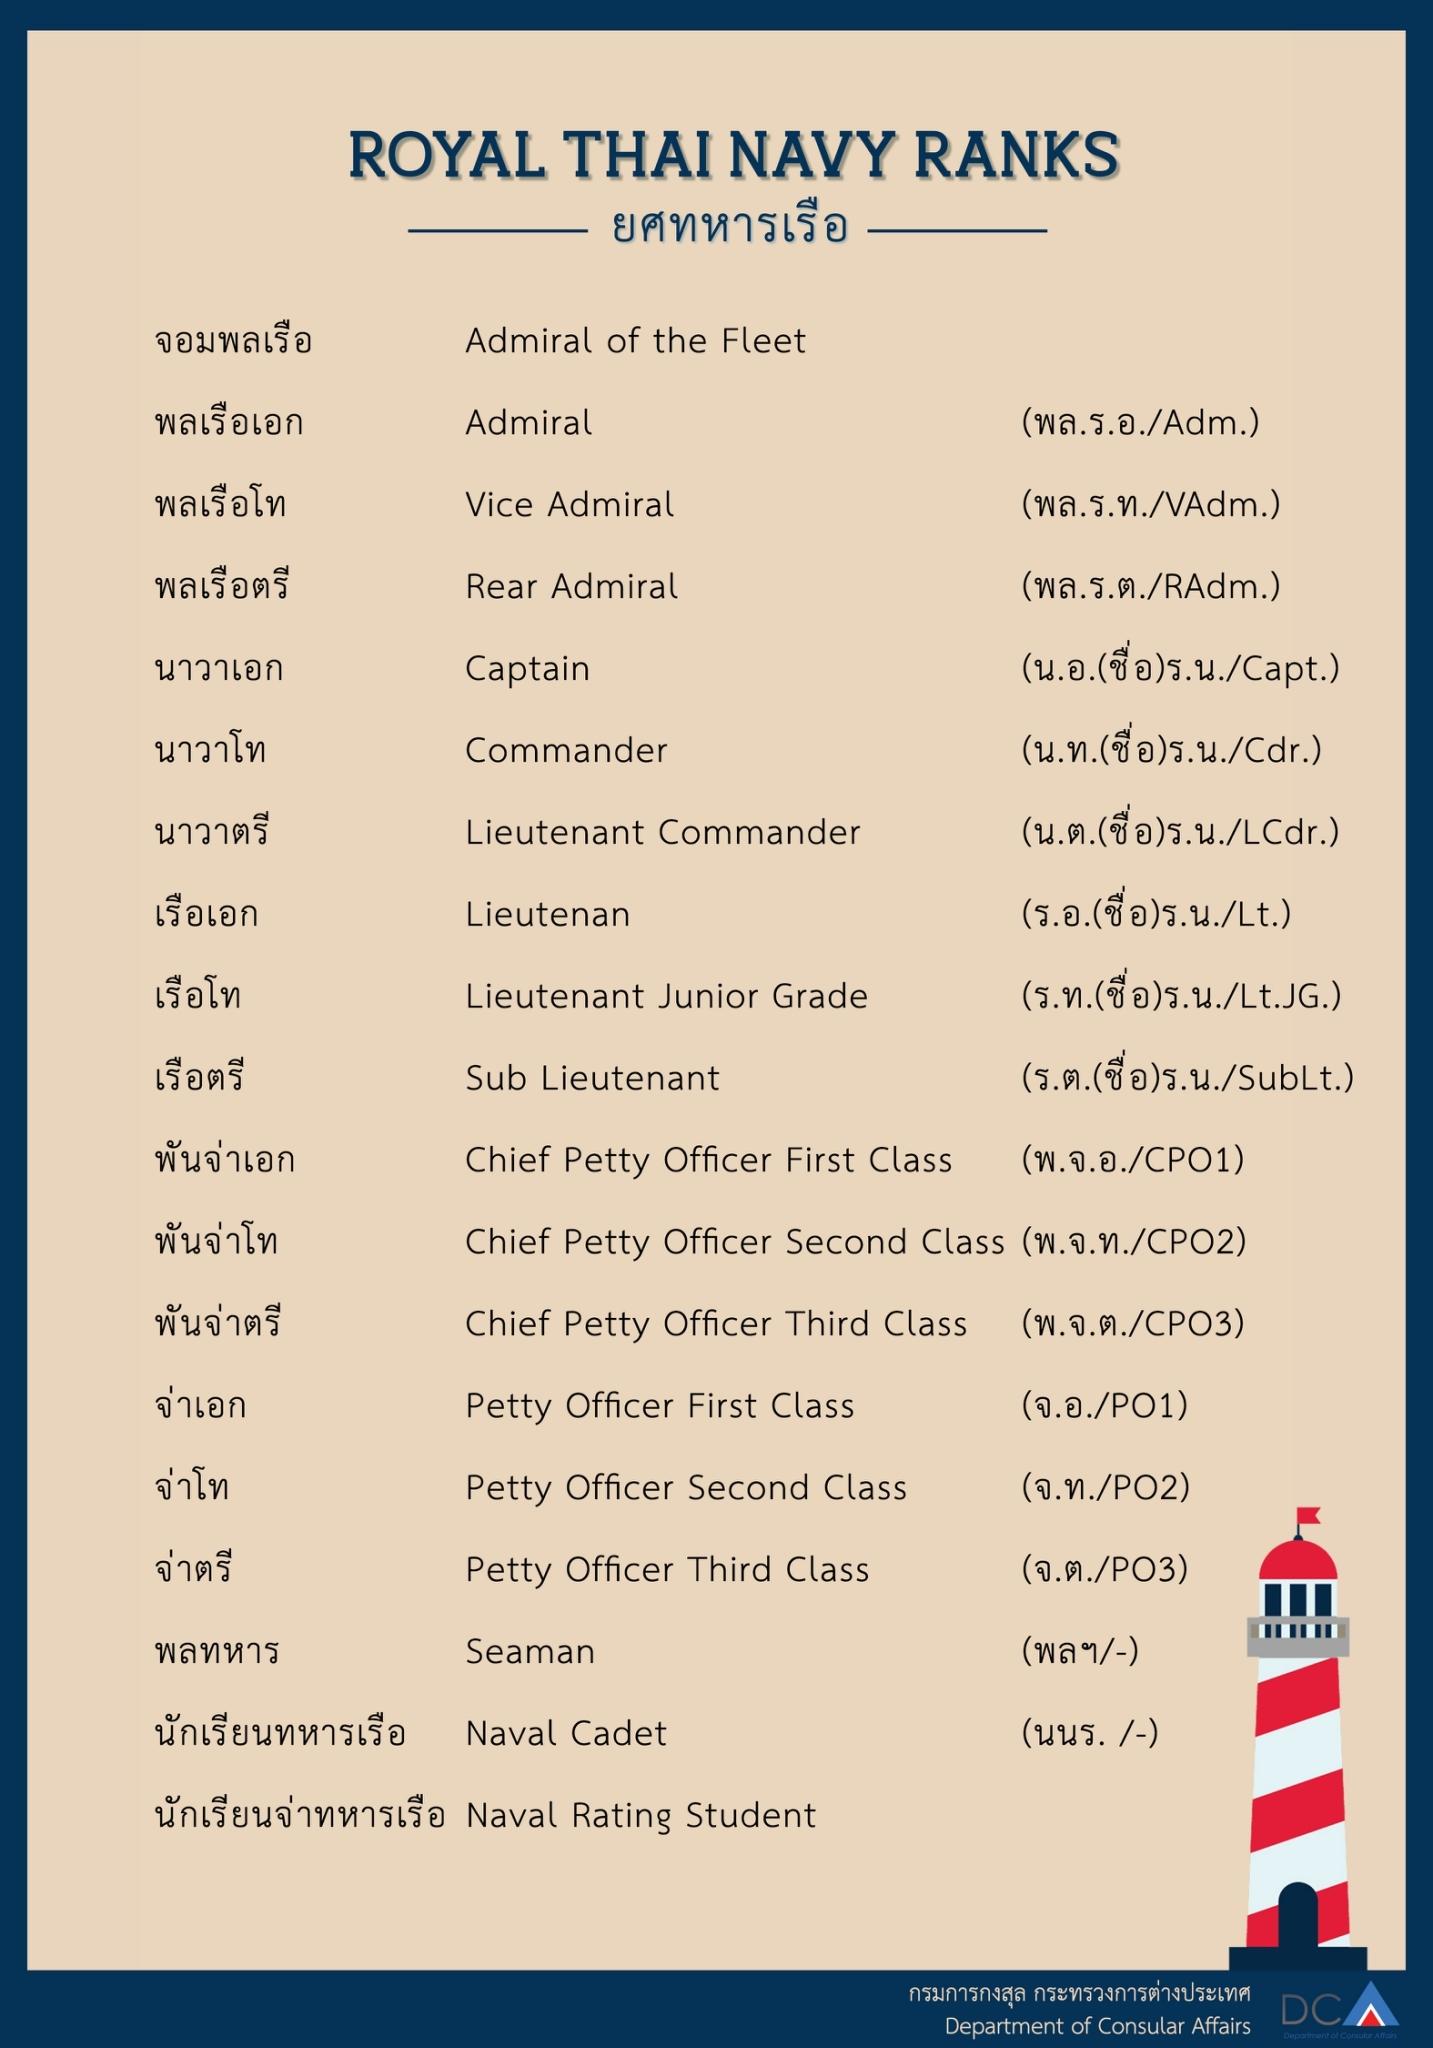 royal_thai_navy_ranks